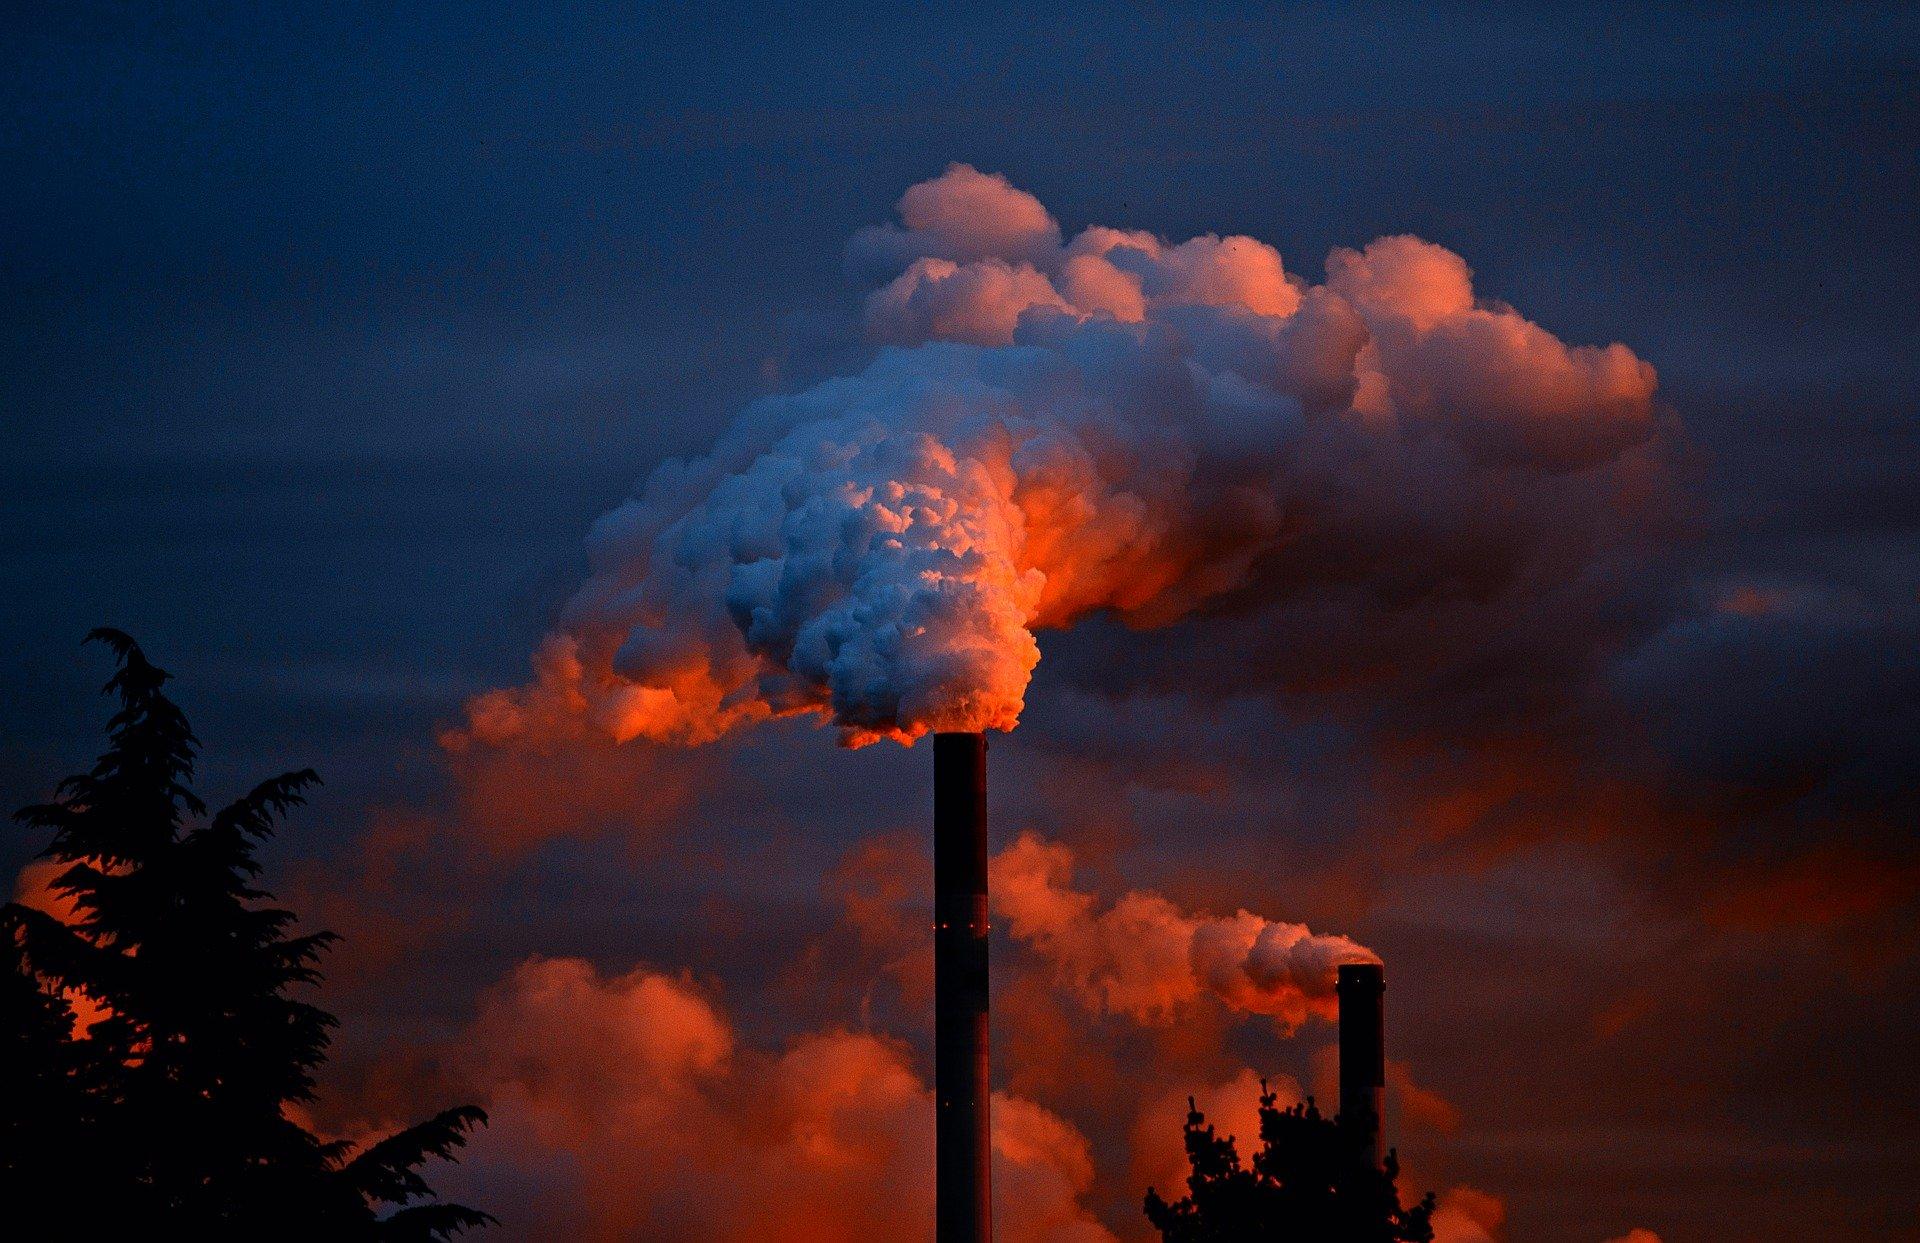 KPMG ofrece una herramienta blockchain para ayudar a las empresas a medir y reducir el impacto de la emisión de gases de efecto invernadero